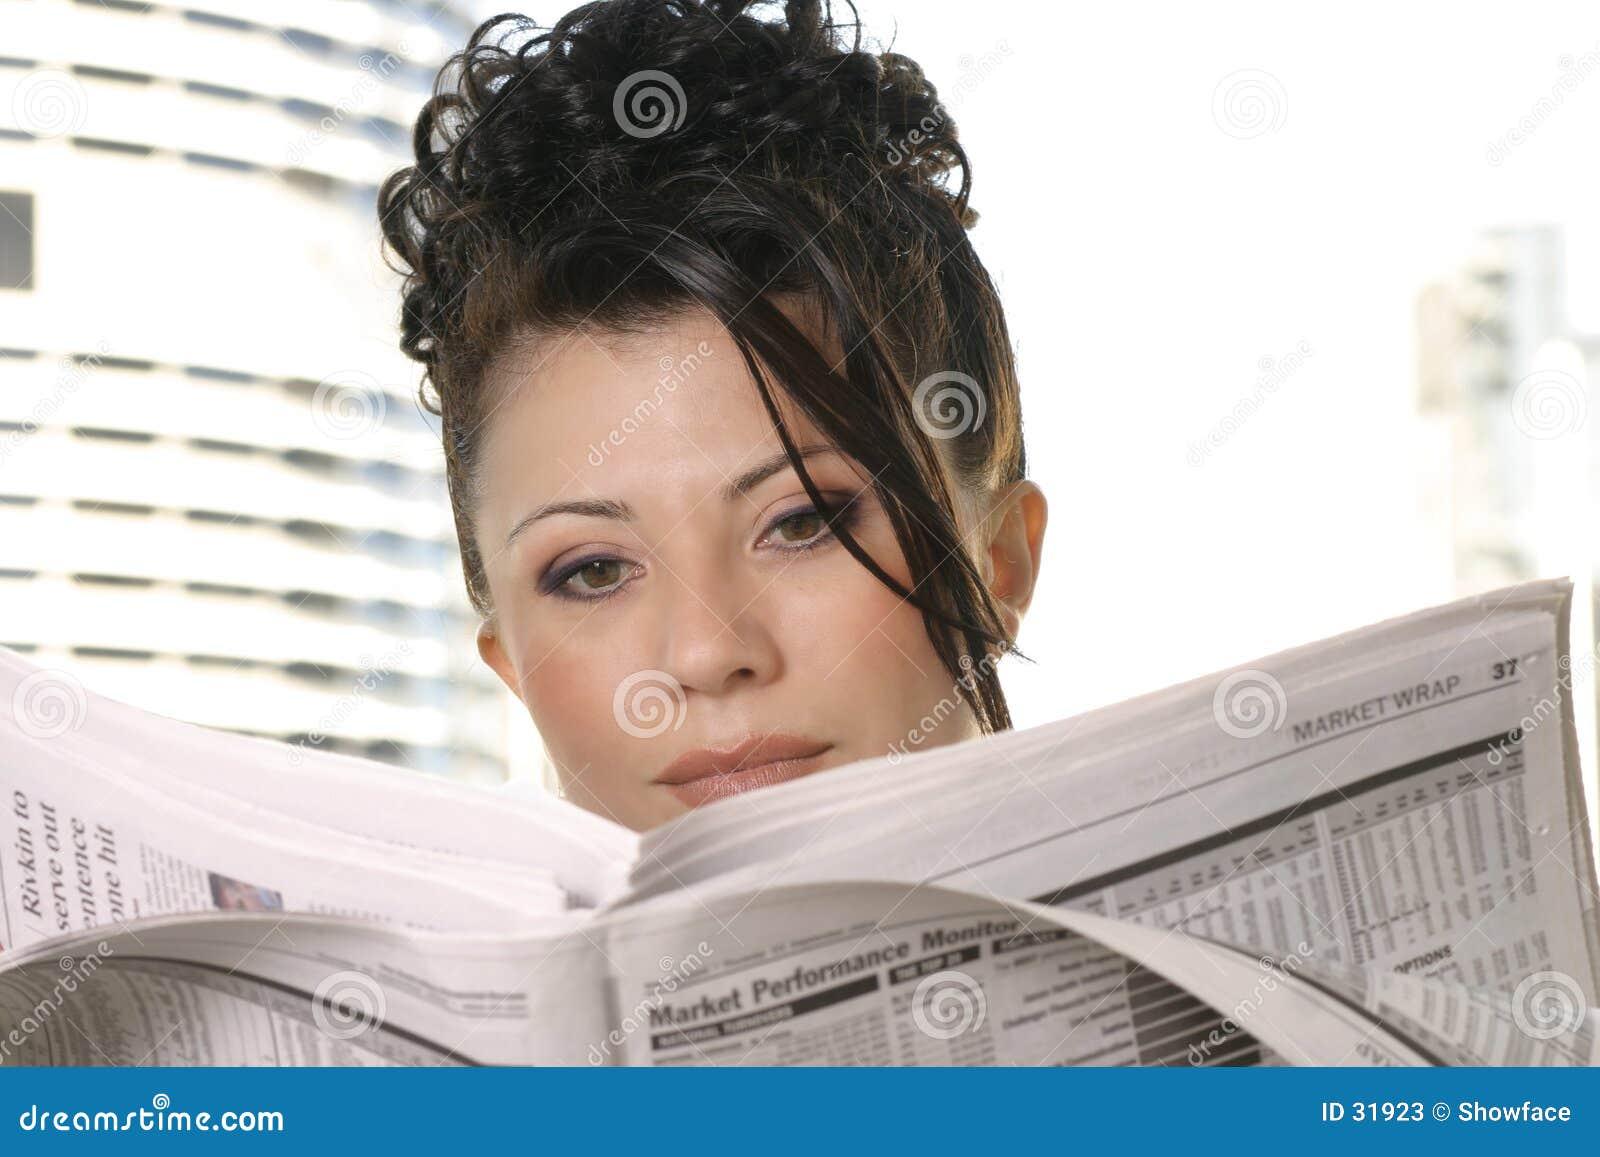 Download Noticias diarias imagen de archivo. Imagen de financiero - 31923